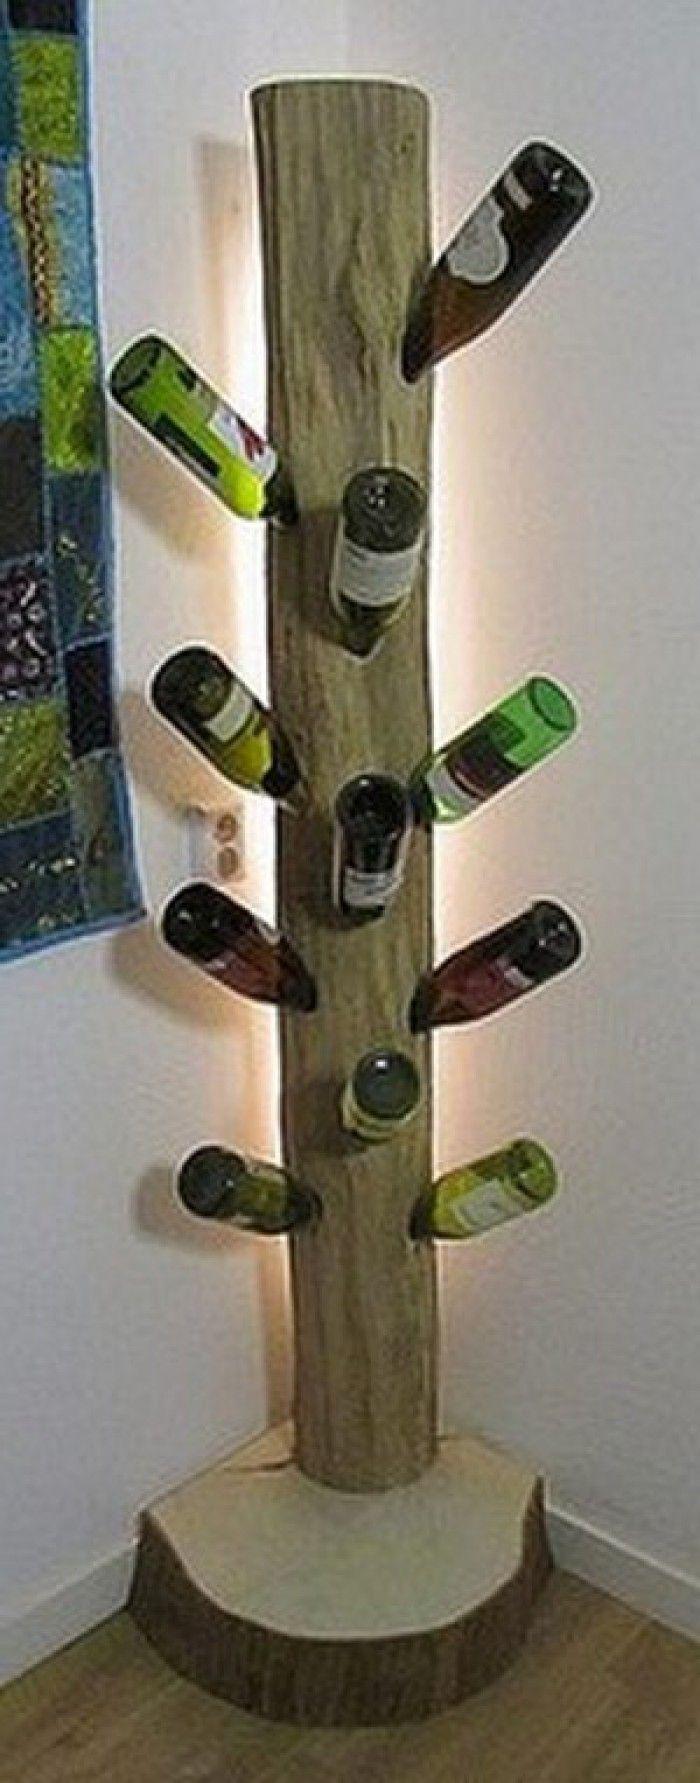 De handgemaakte wijnstamlamp van Inspired By Wood is een echte eyecatcher in ieder interieur!